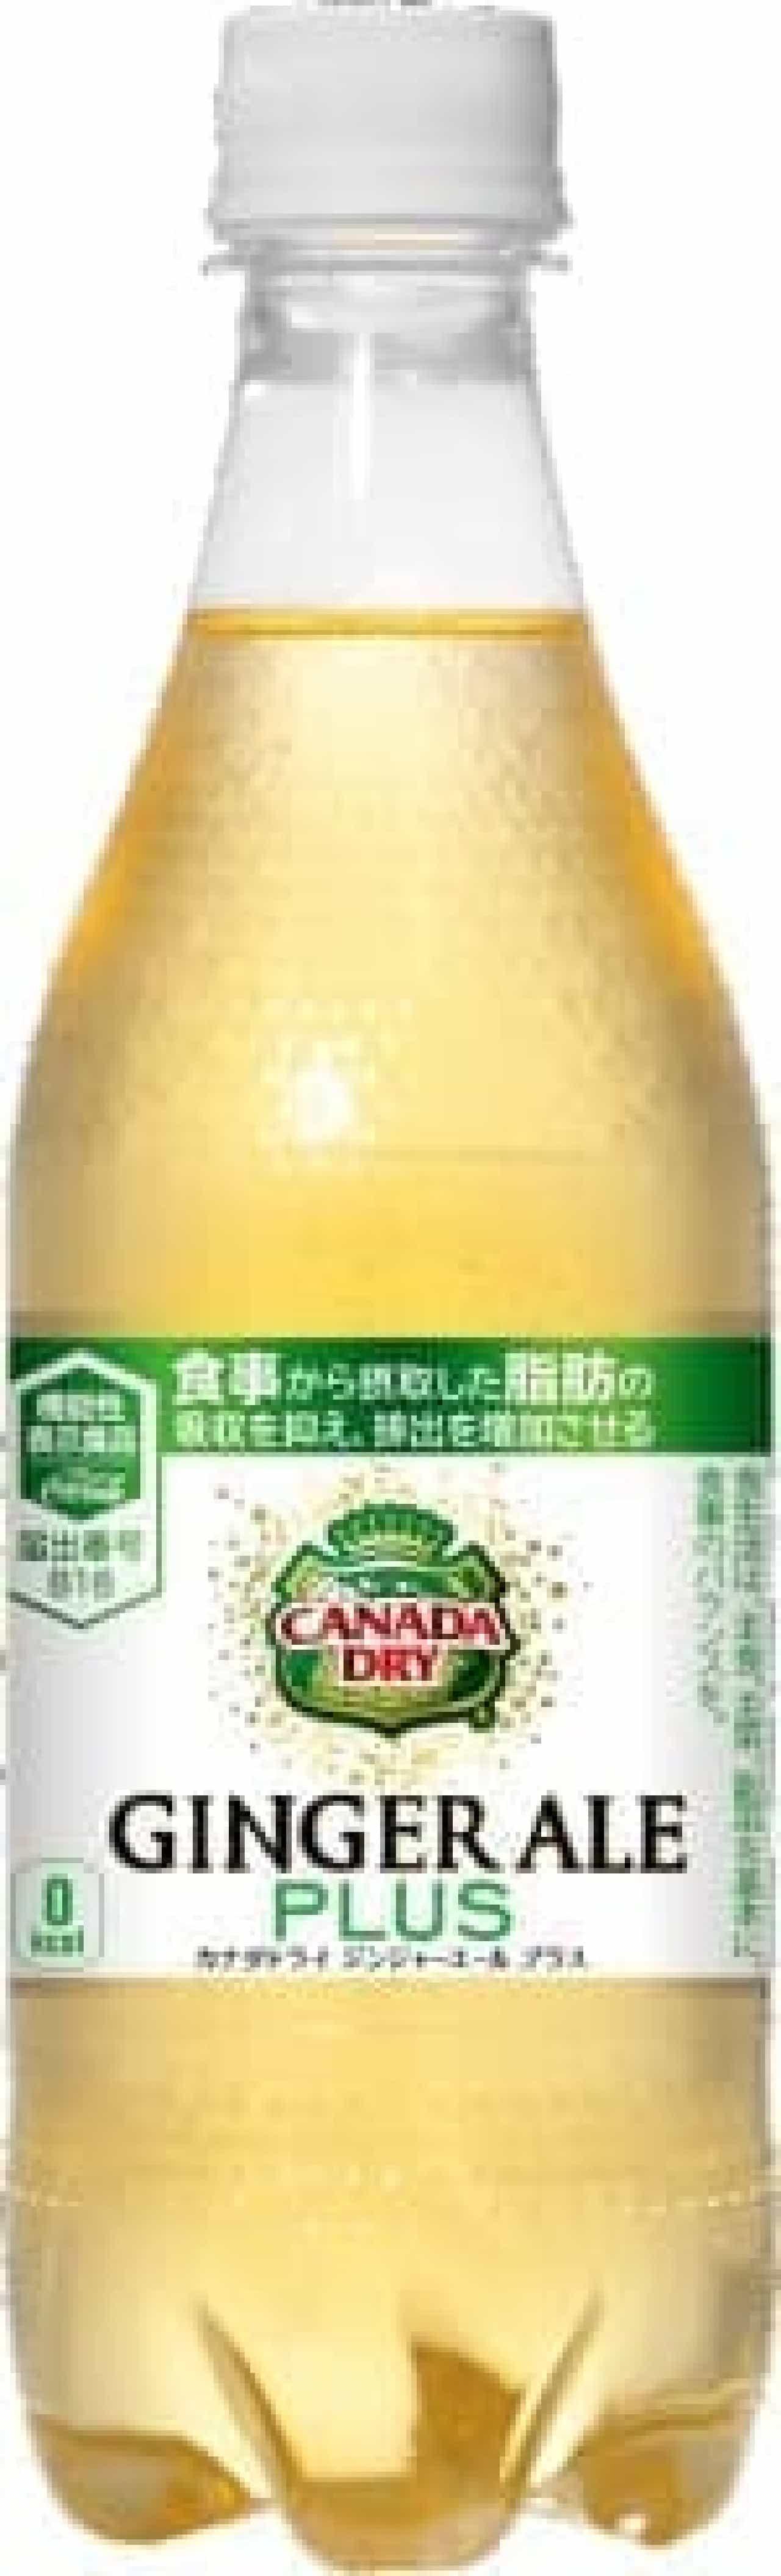 コカ・コーラシステム「カナダドライ ジンジャーエール プラス」